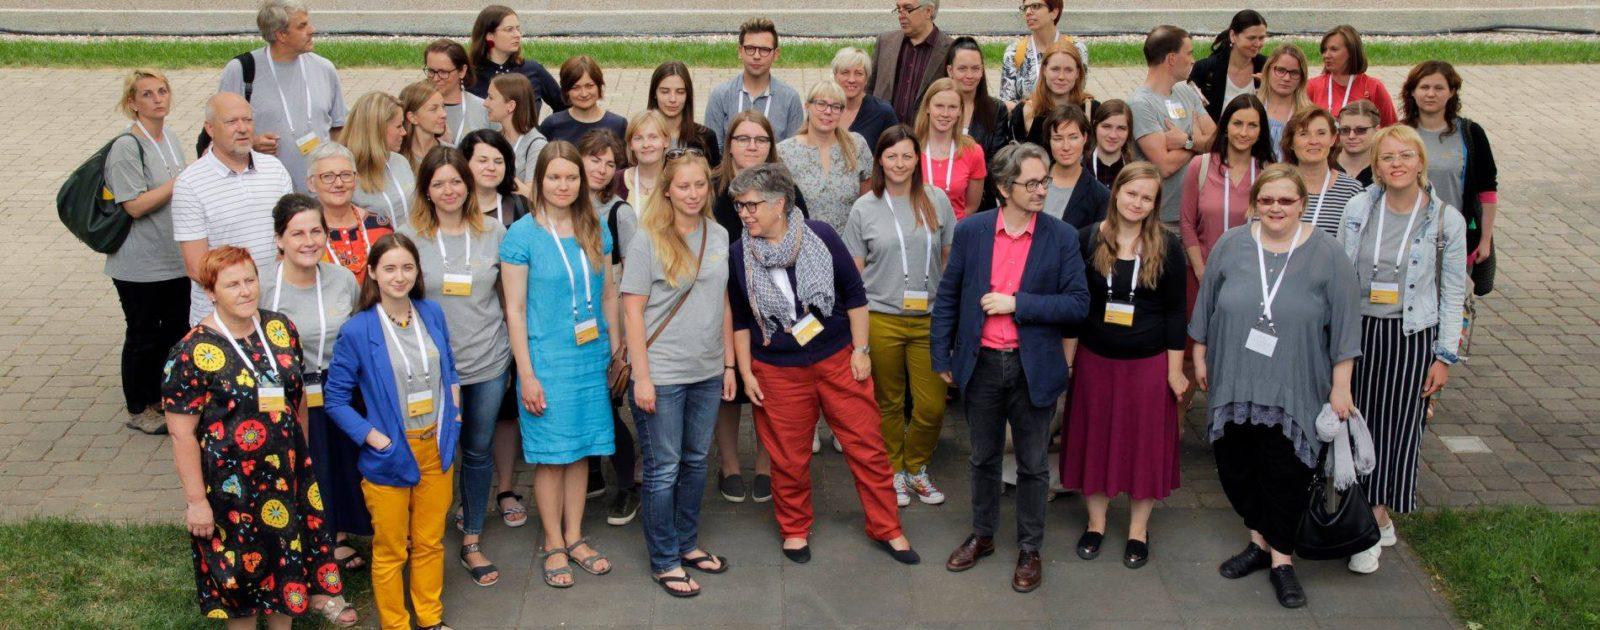 Balti museoloogiakooli traditsiooniline ühispilt. Foto Erakogu